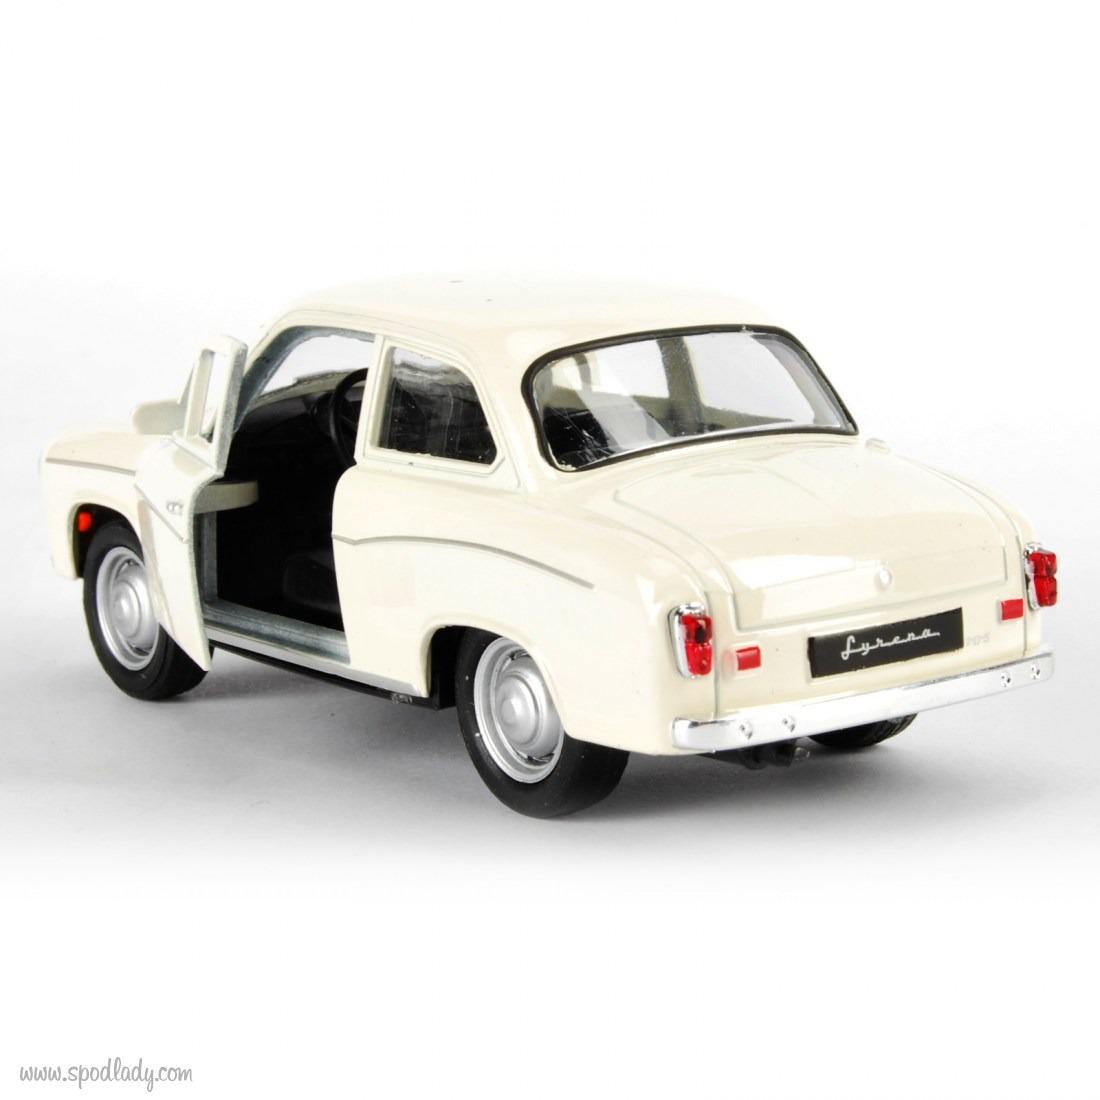 Miniaturka samochodu dla miłośnika motoryzacji.